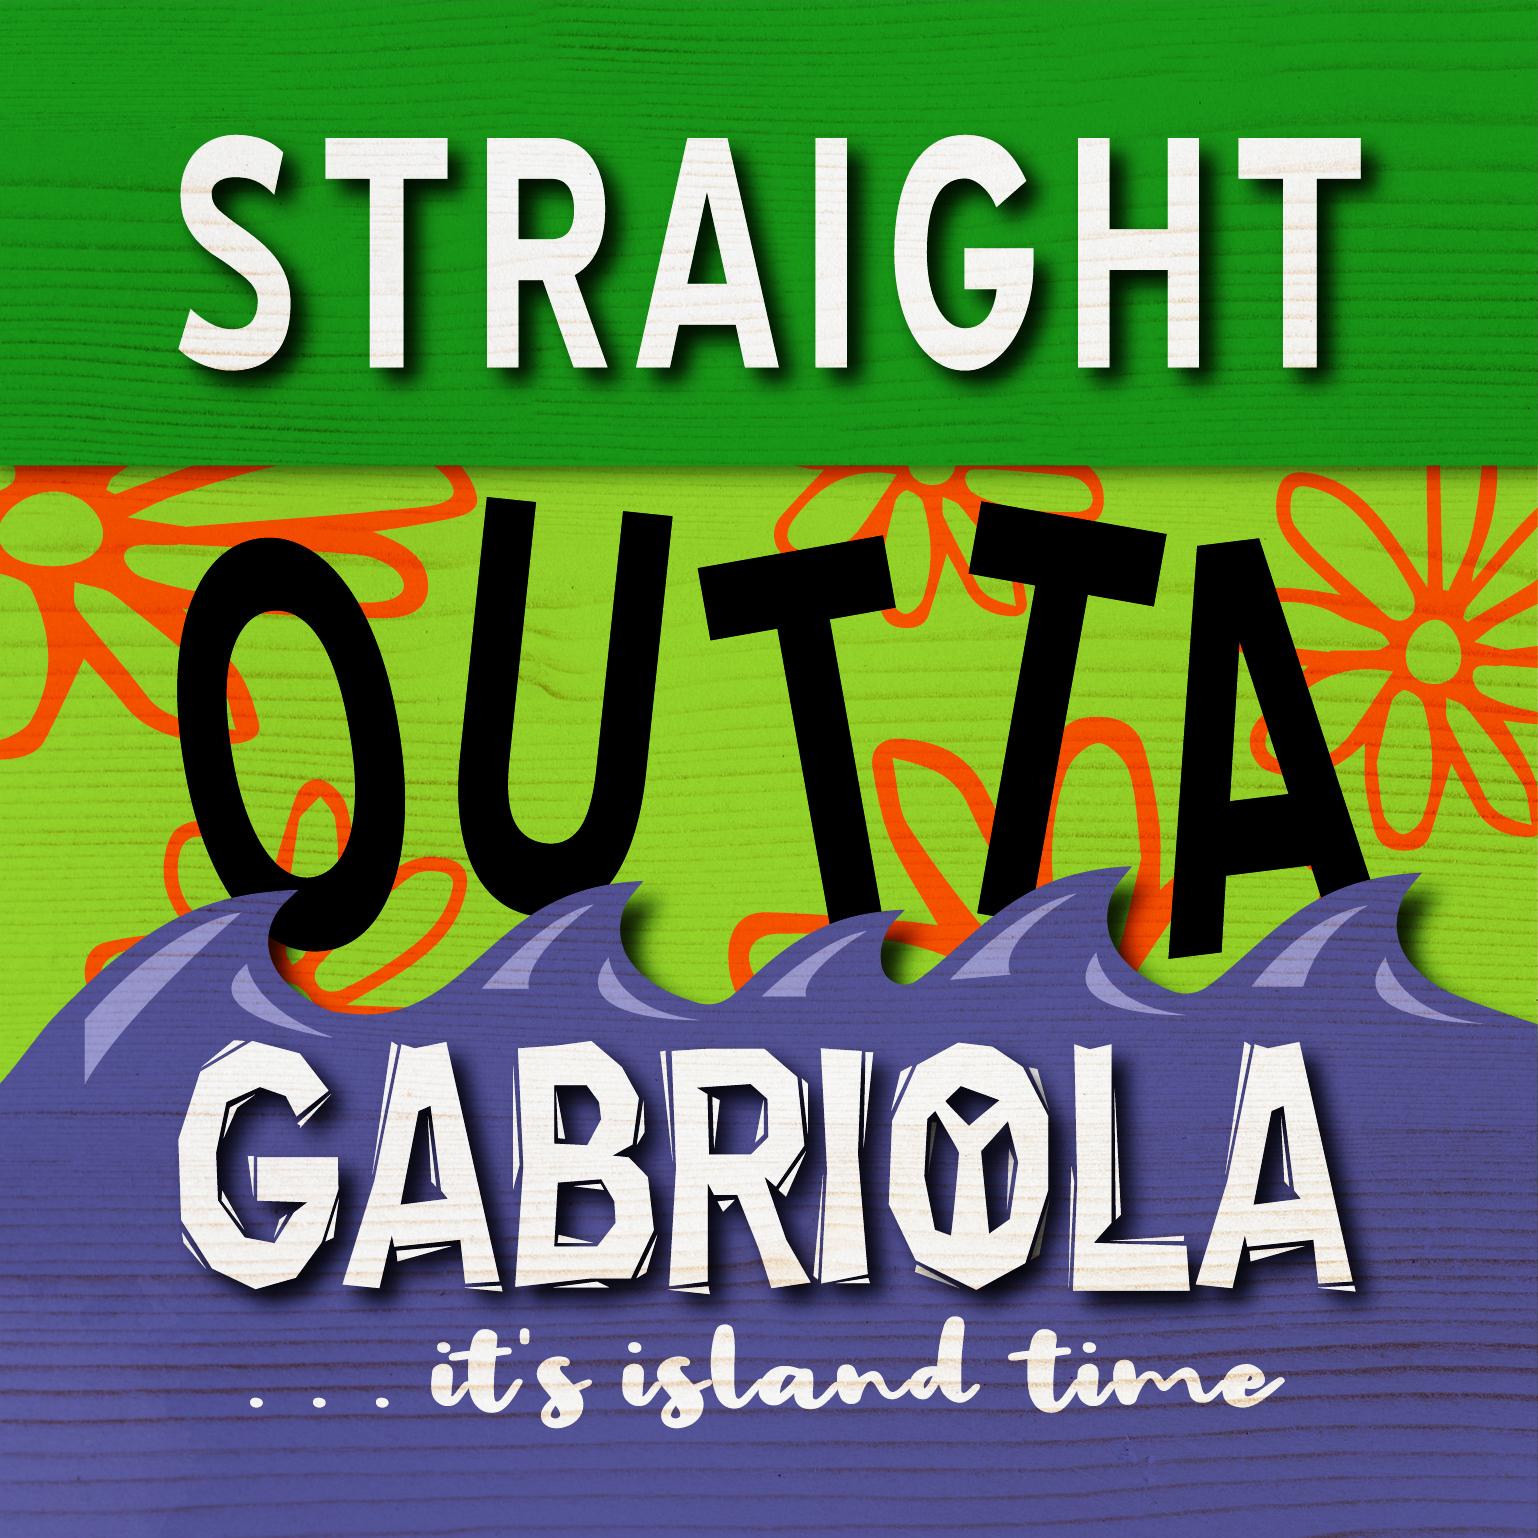 Straight Outta Gabriola . . .